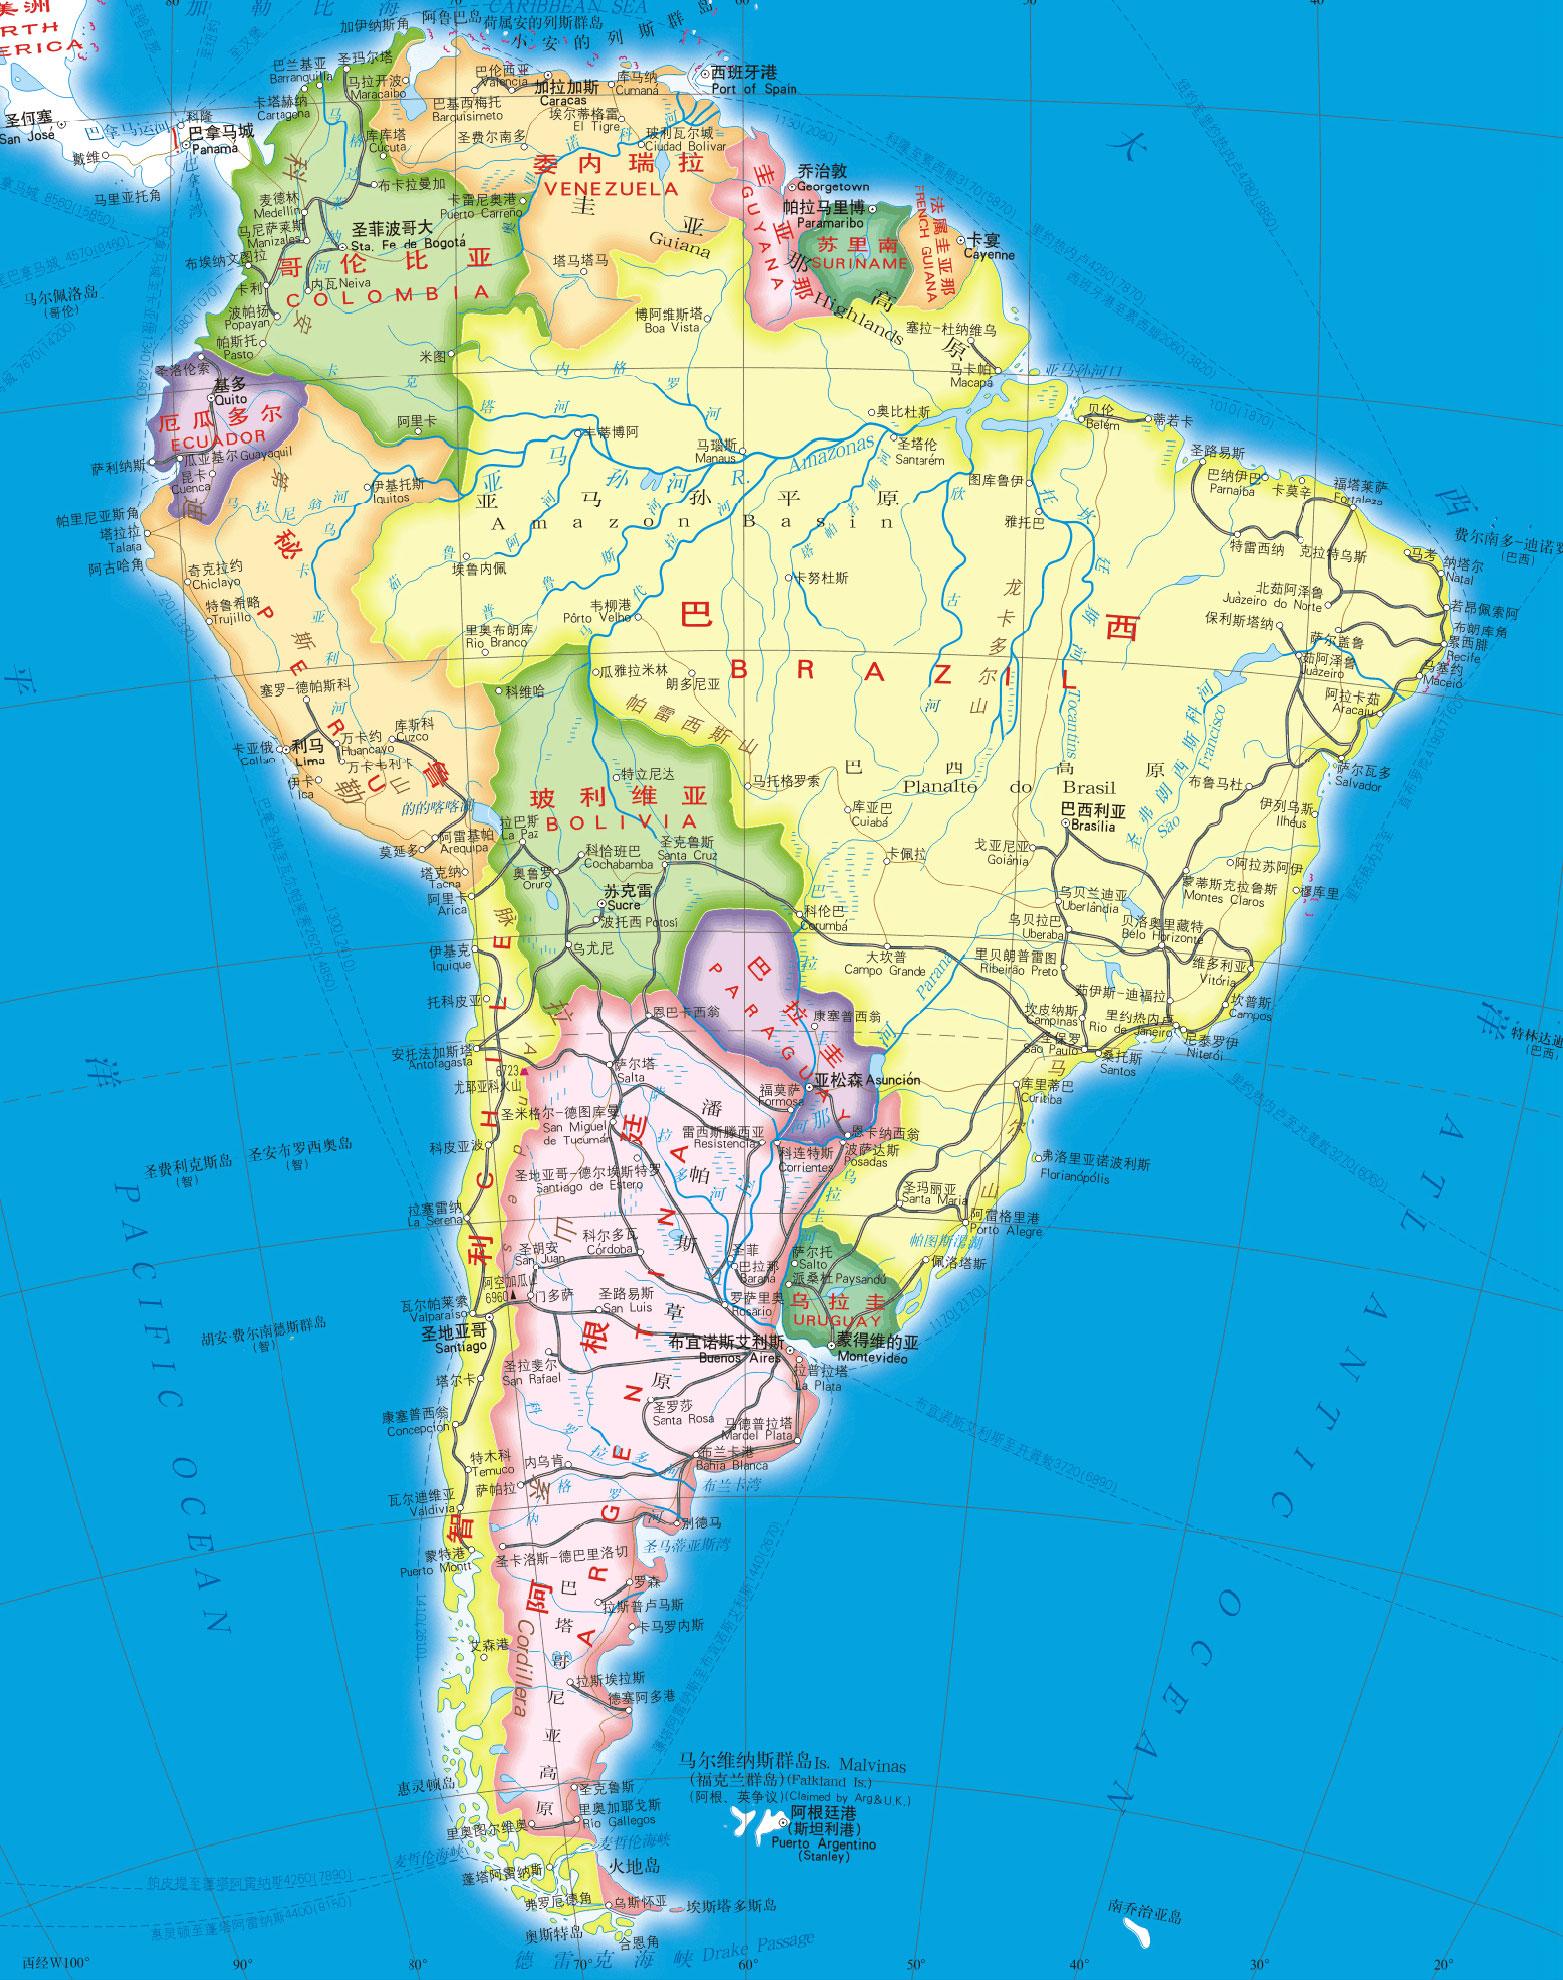 地图 1563_1980 竖版 竖屏图片